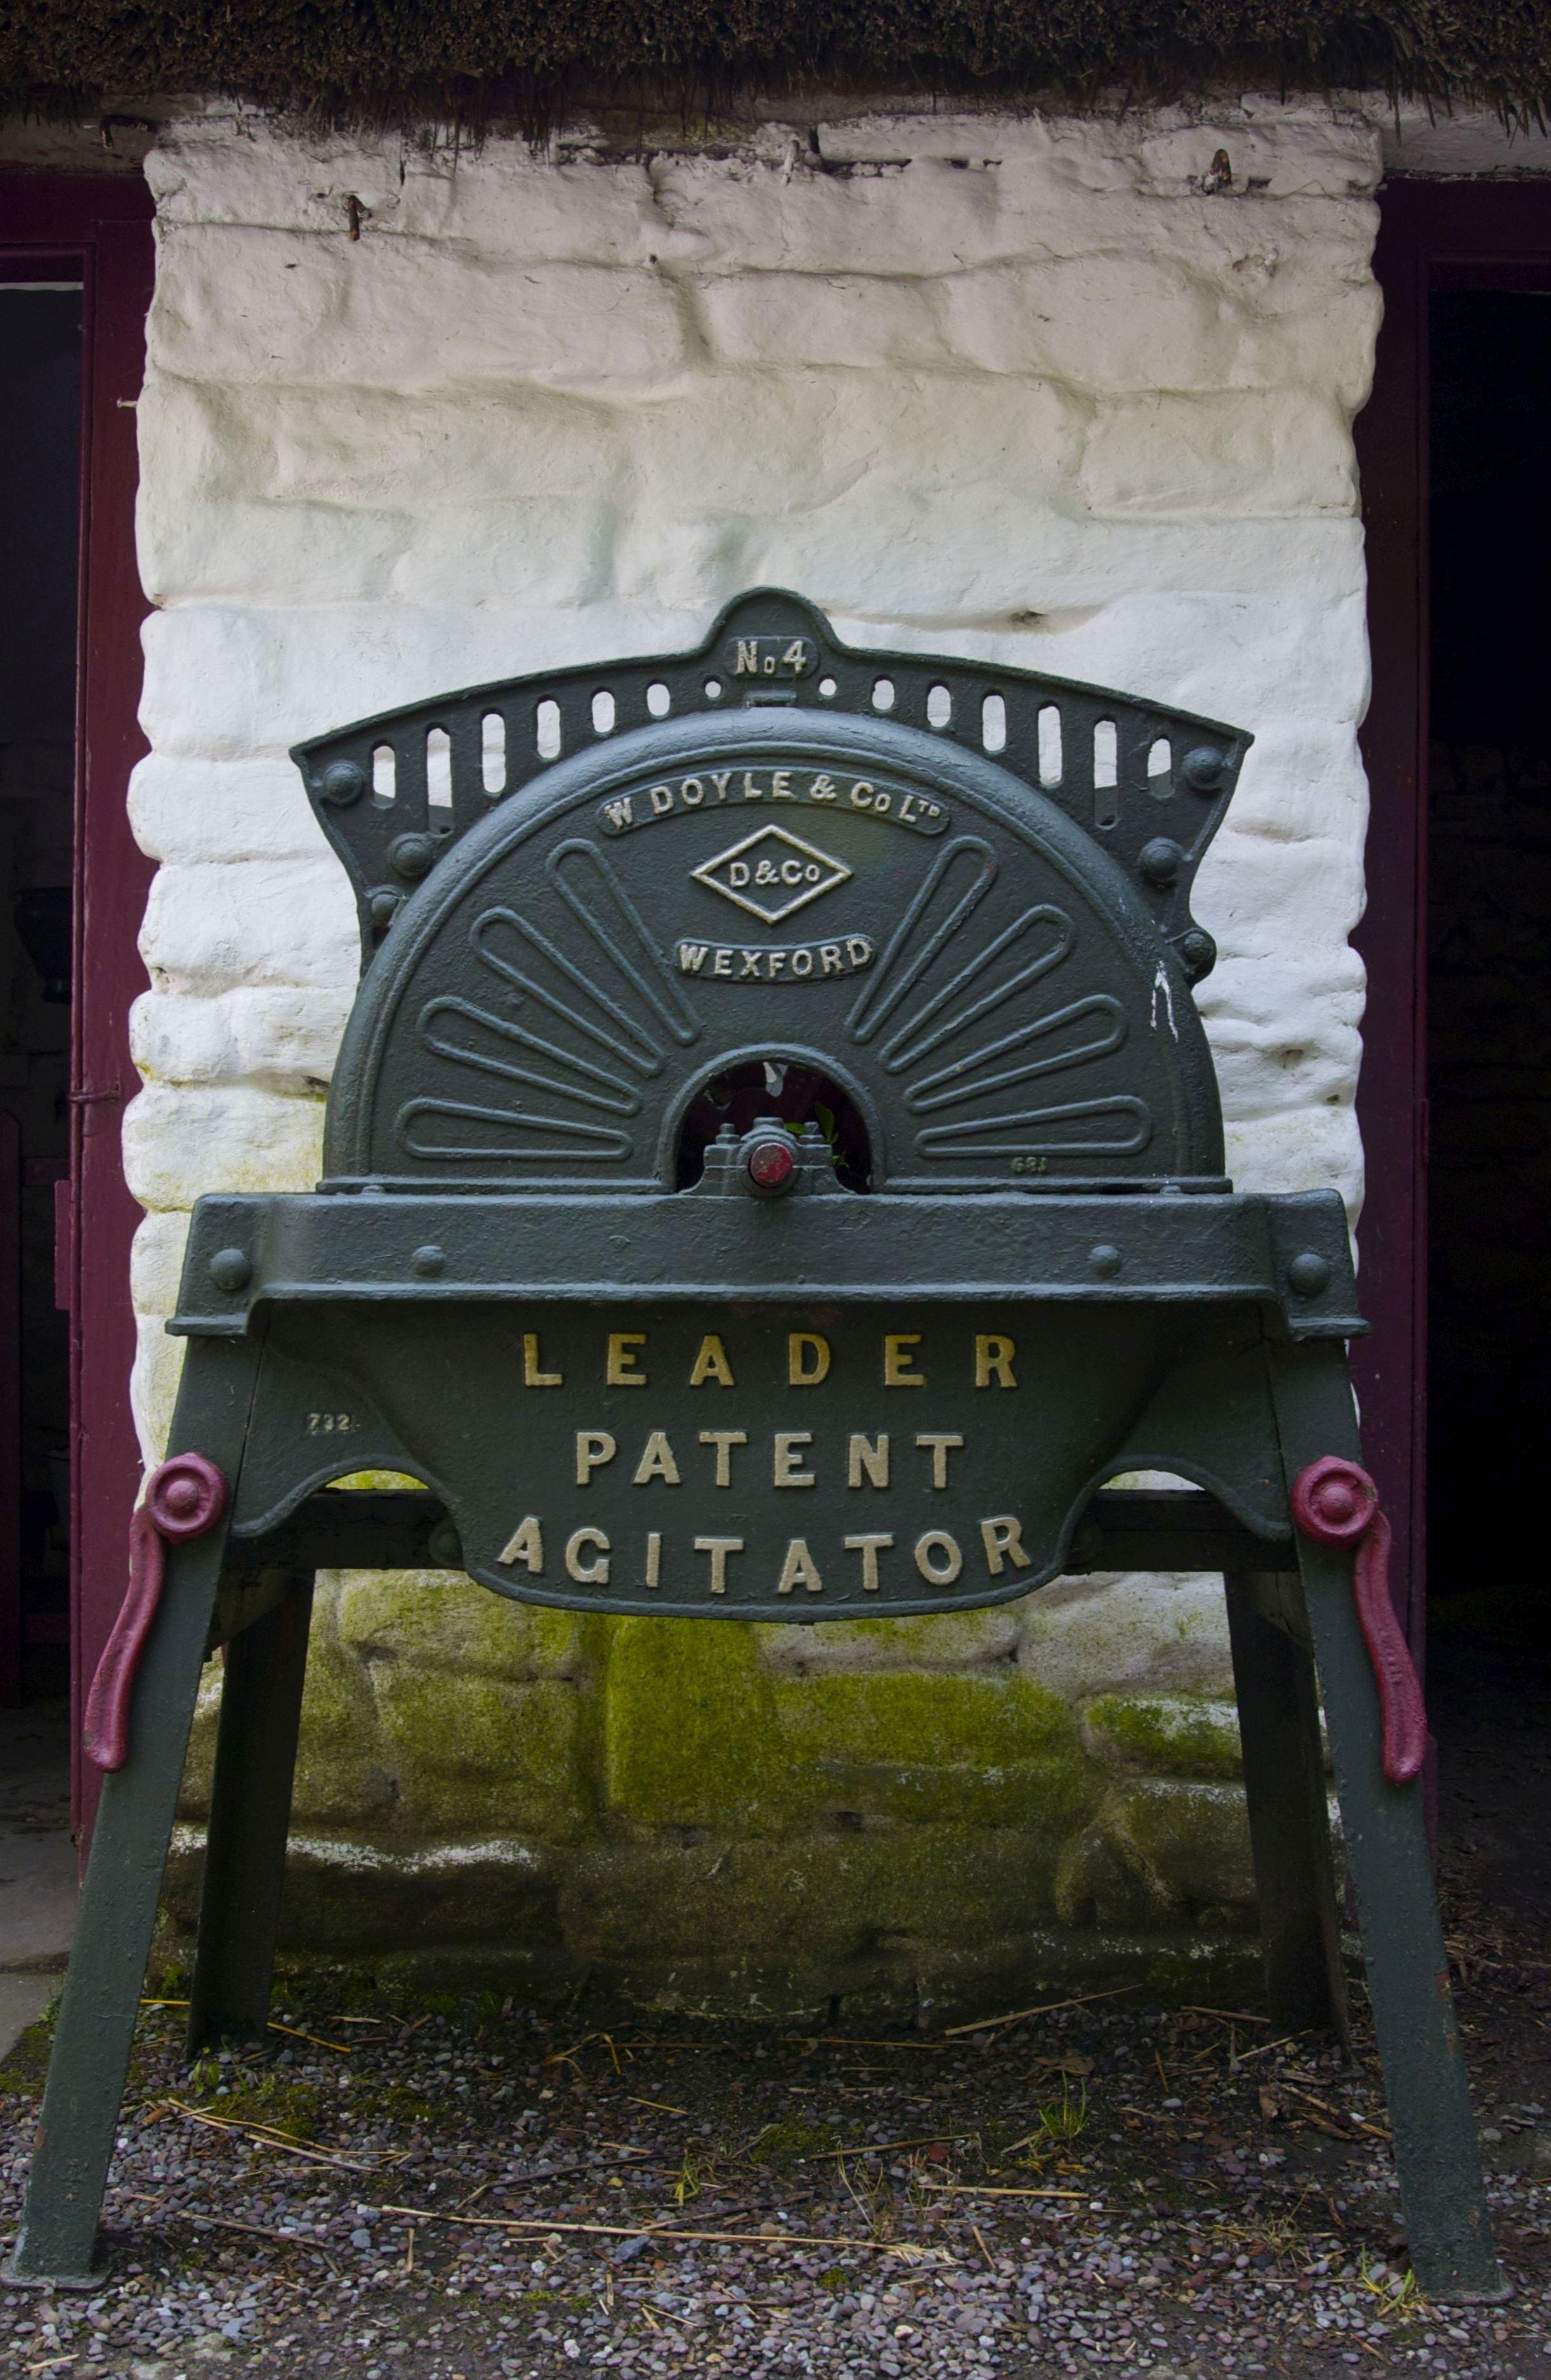 WallpaperFusion-irish-agitator-Original-2592x3872.jpg